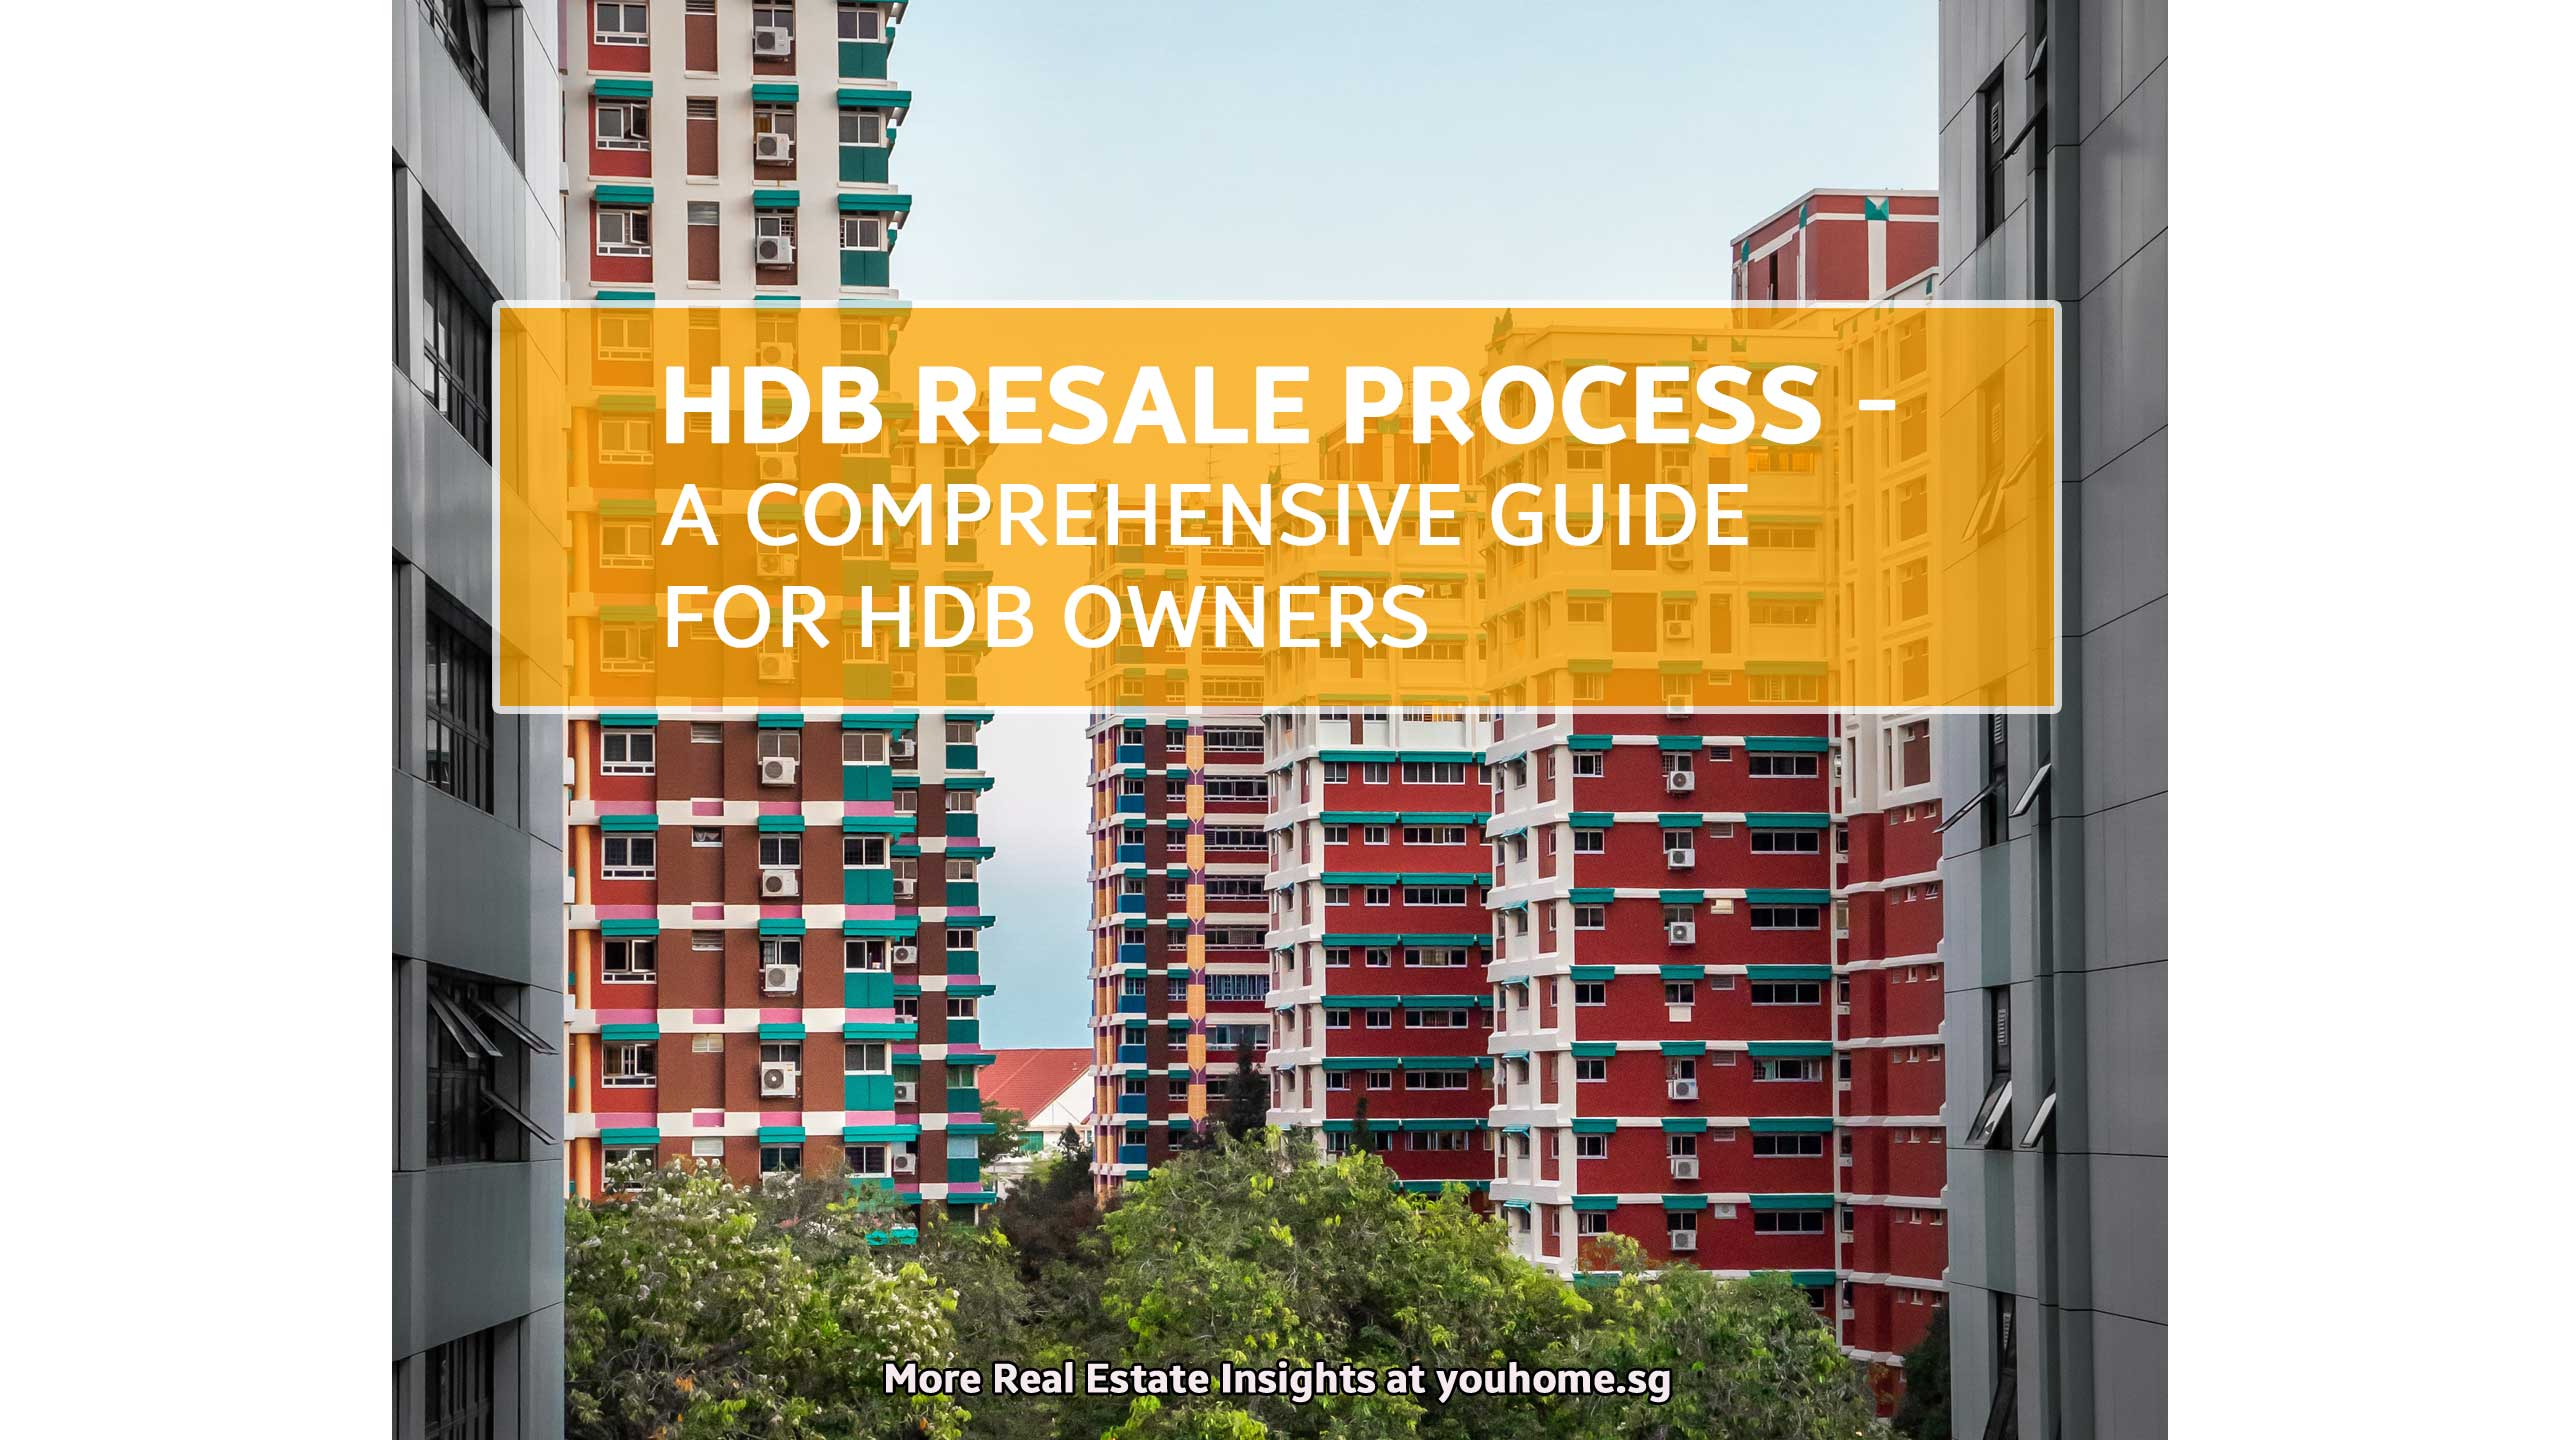 hdb resale process